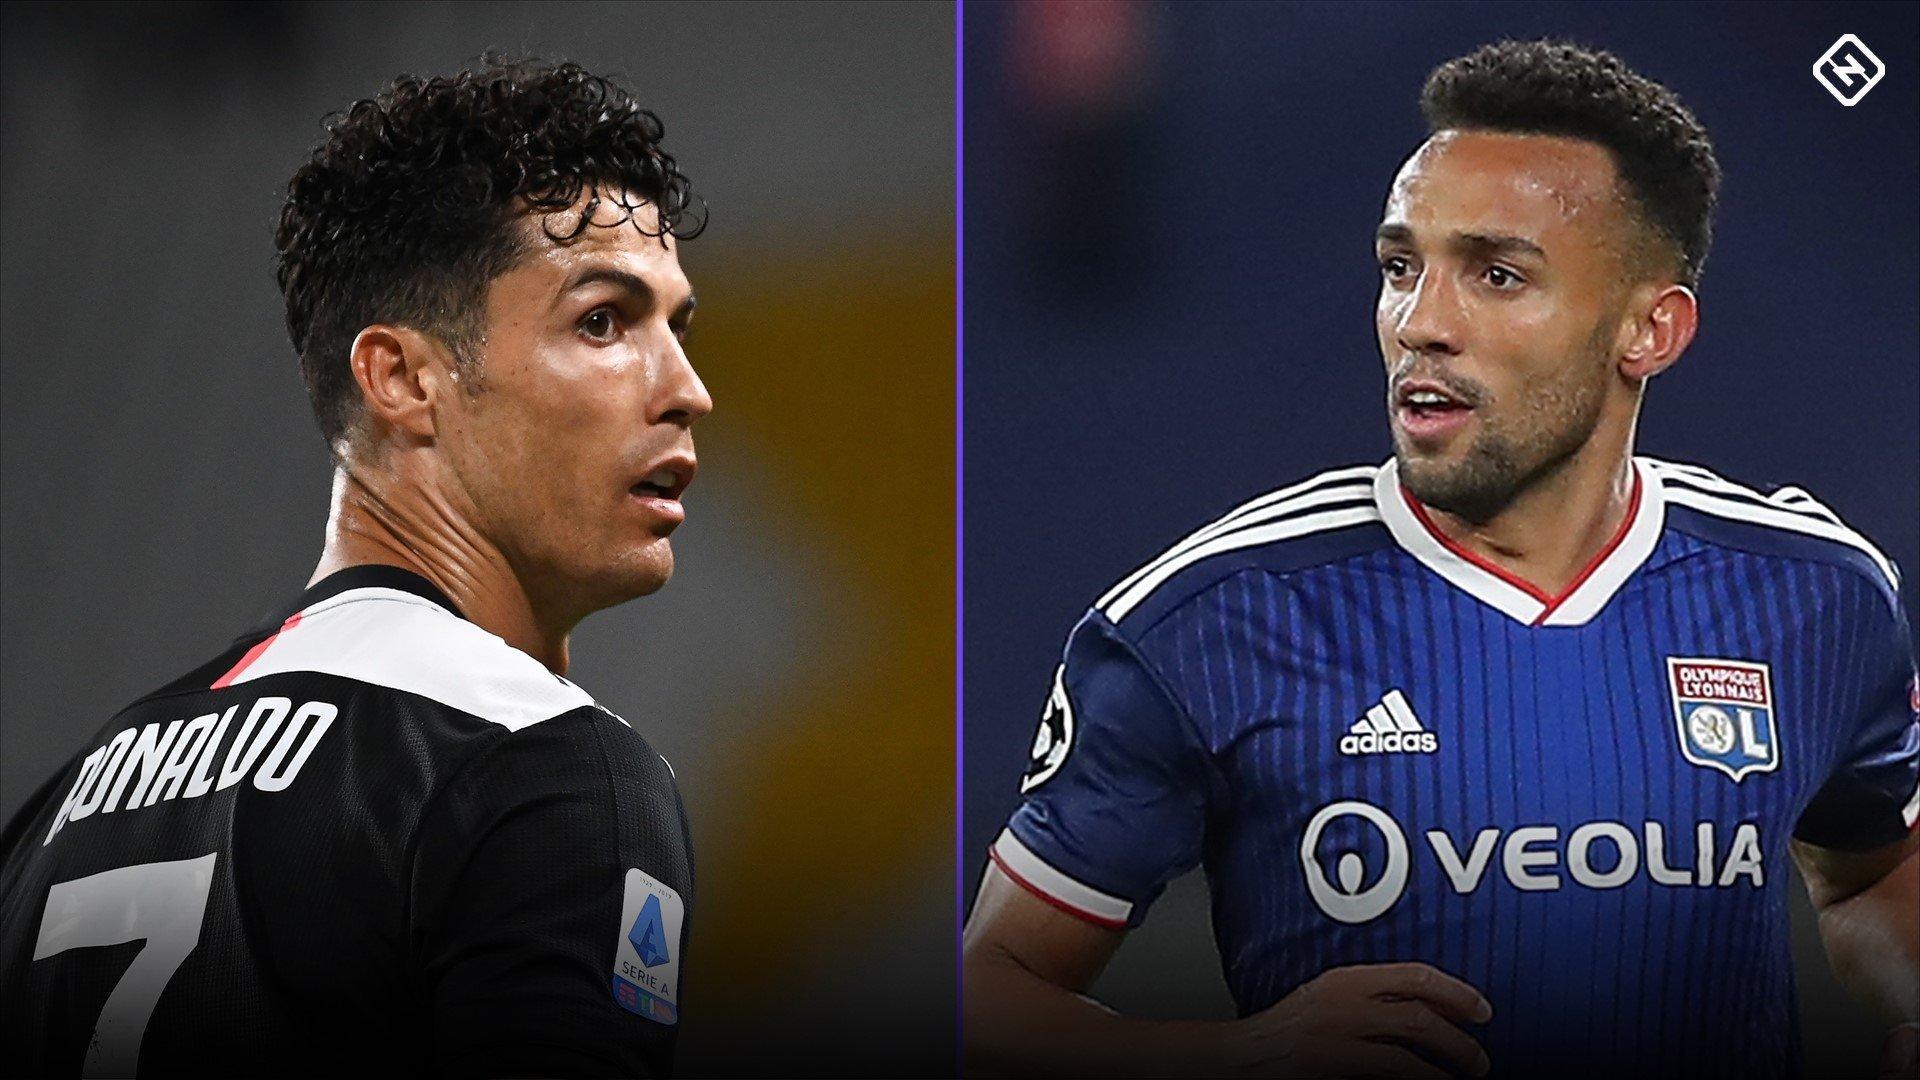 Transmisión en vivo de la Champions League: Cómo ver la Juventus vs.Lyon en los EE. UU.